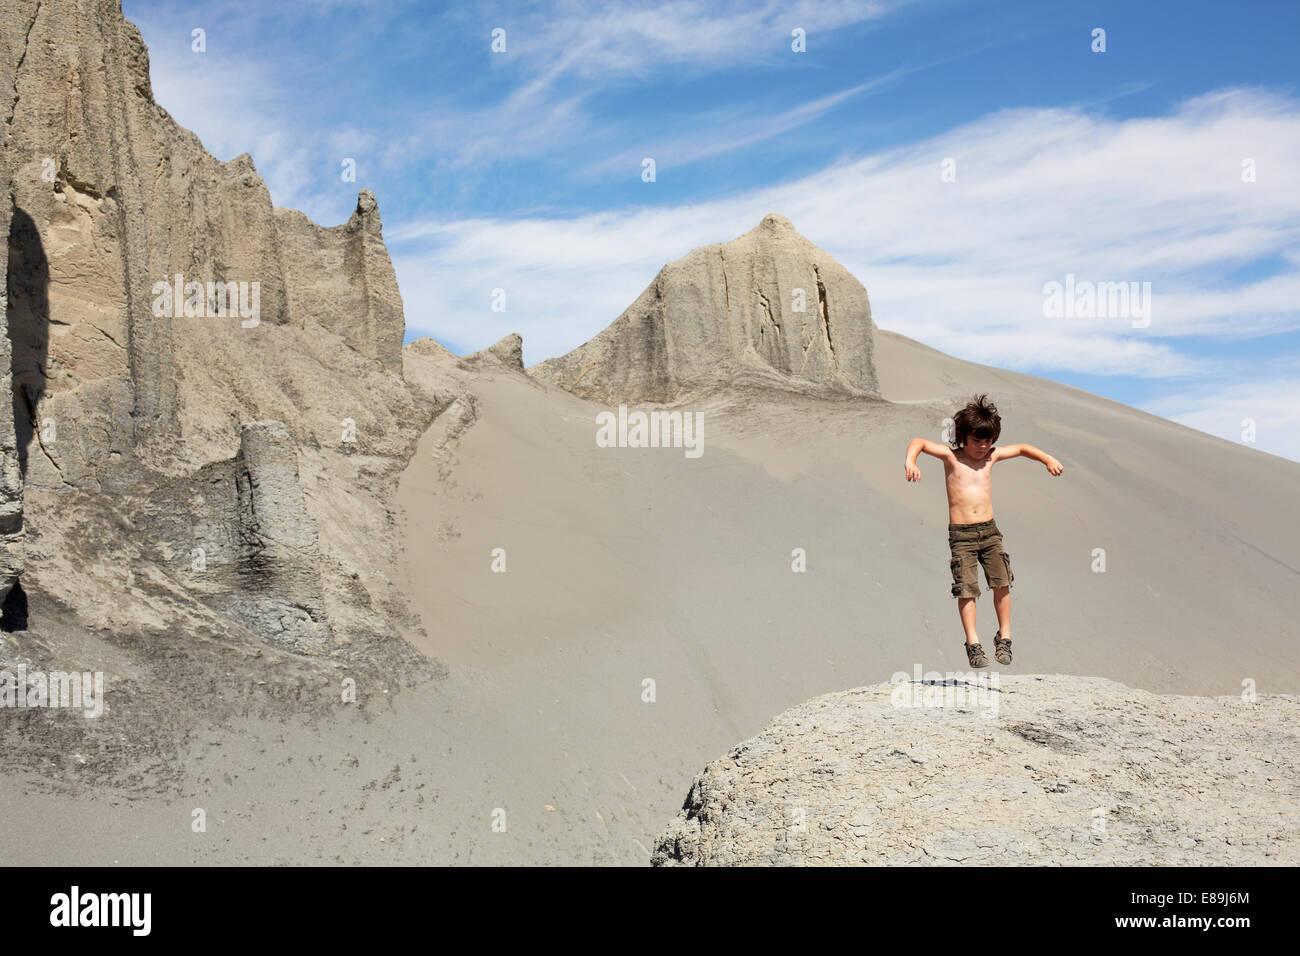 Chico saltando sobre dunas de arena Imagen De Stock